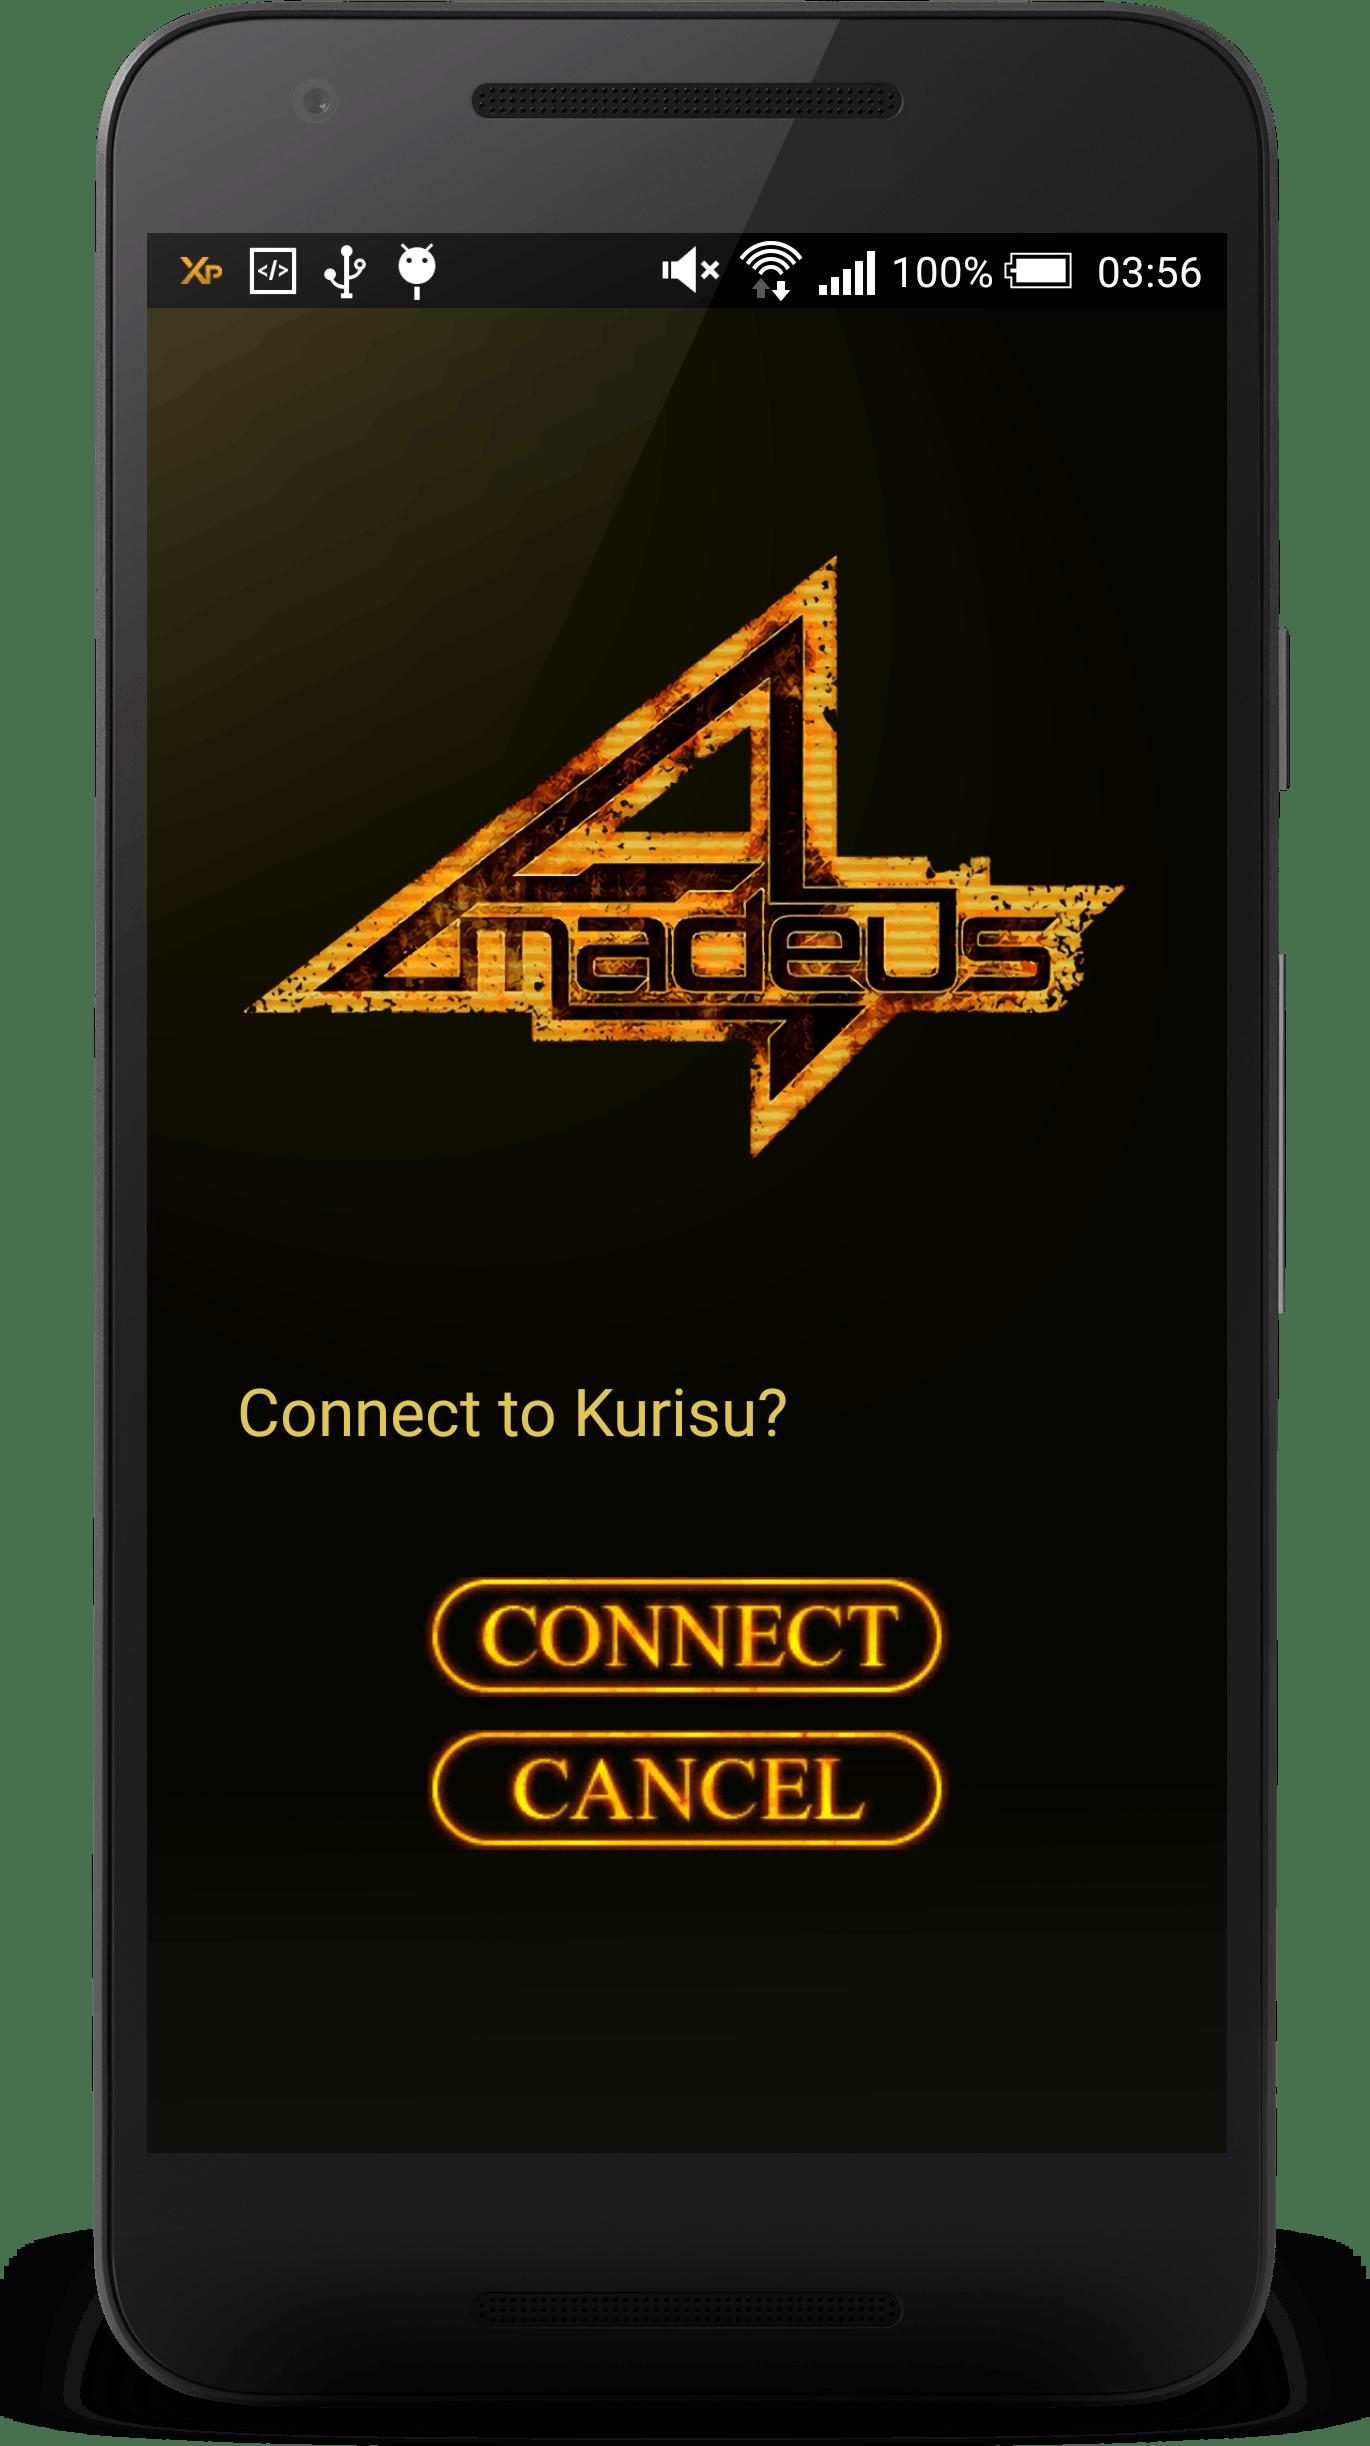 Call screen for Amadeus app.